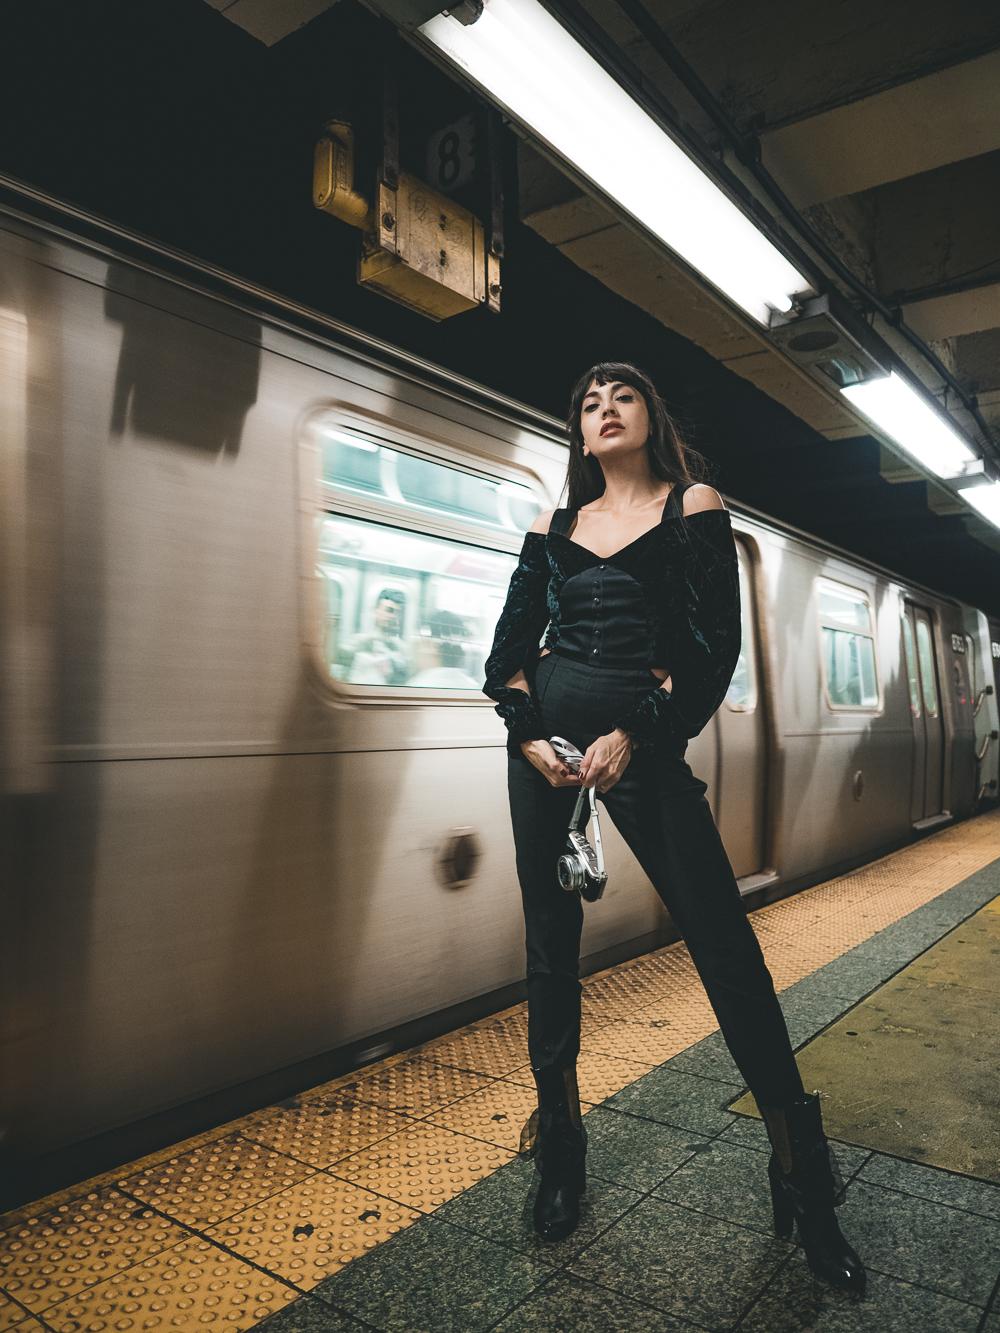 Zara Martin New York Subway